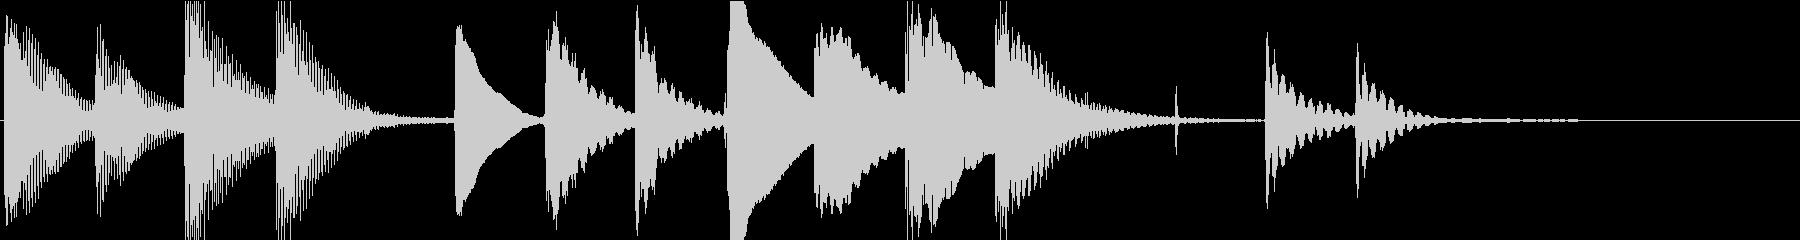 マリンバのほのぼのとしたジングル2の未再生の波形